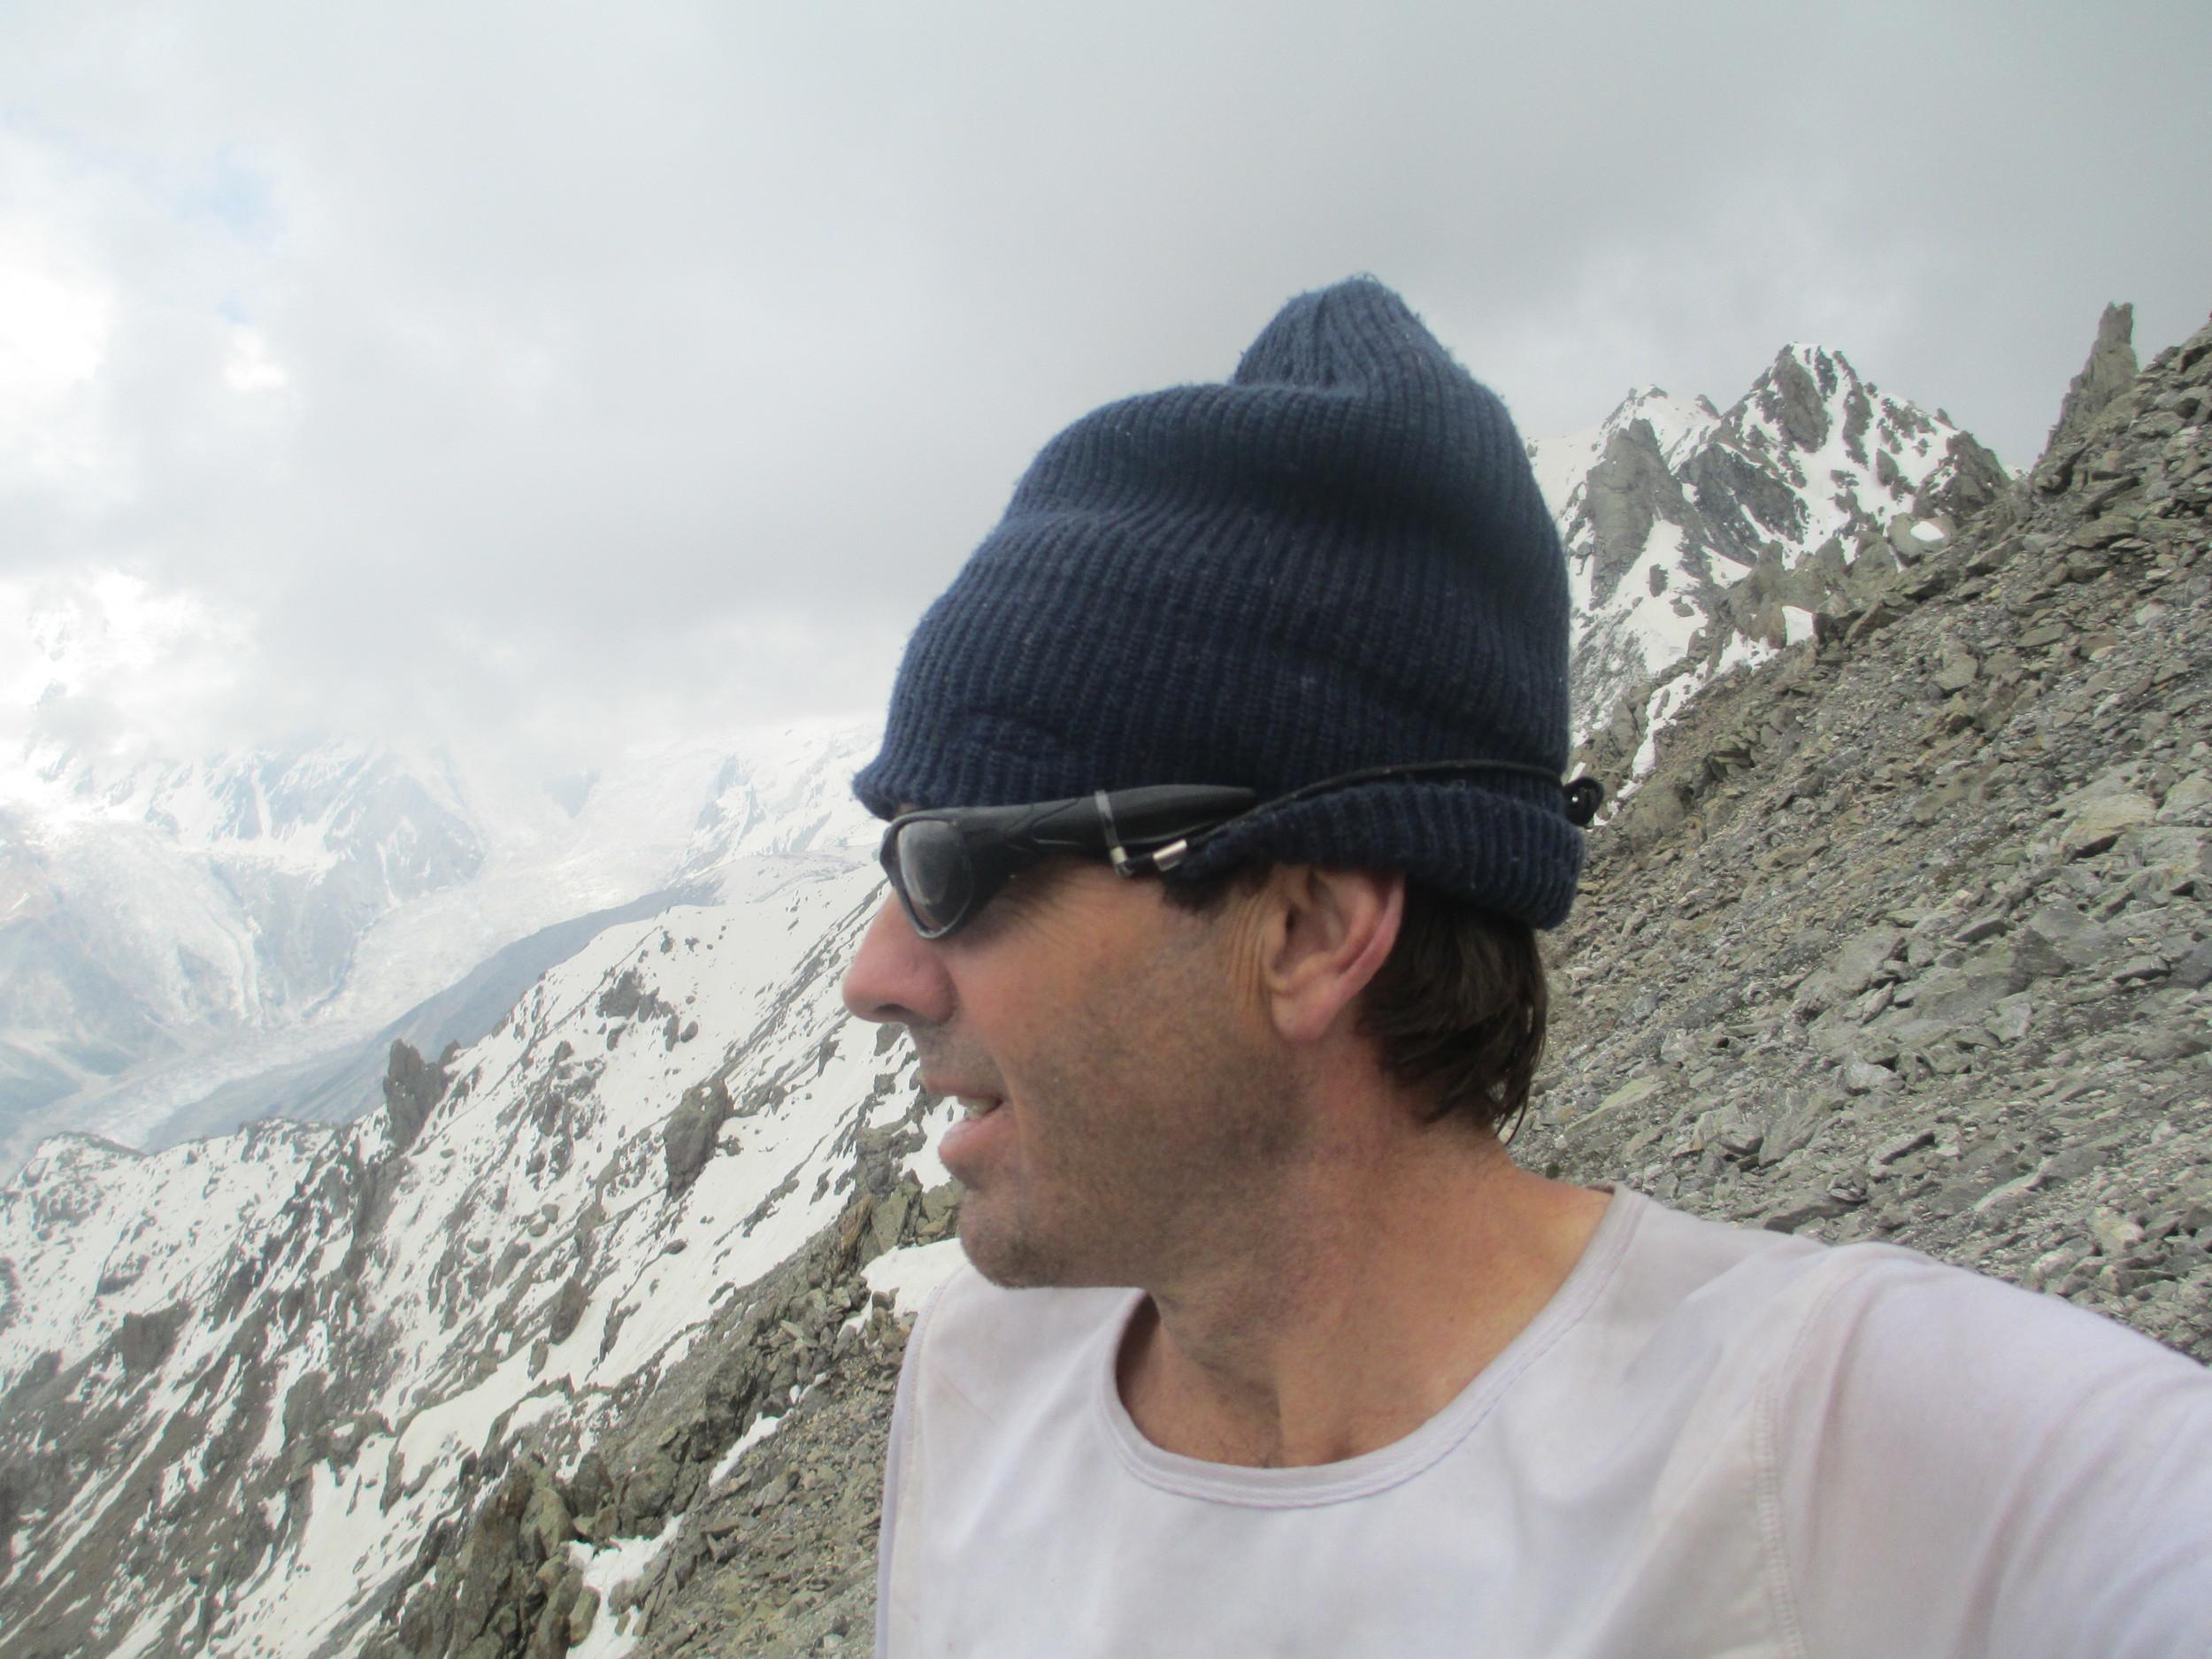 Climbing Peak 5072 above Jillper Pass